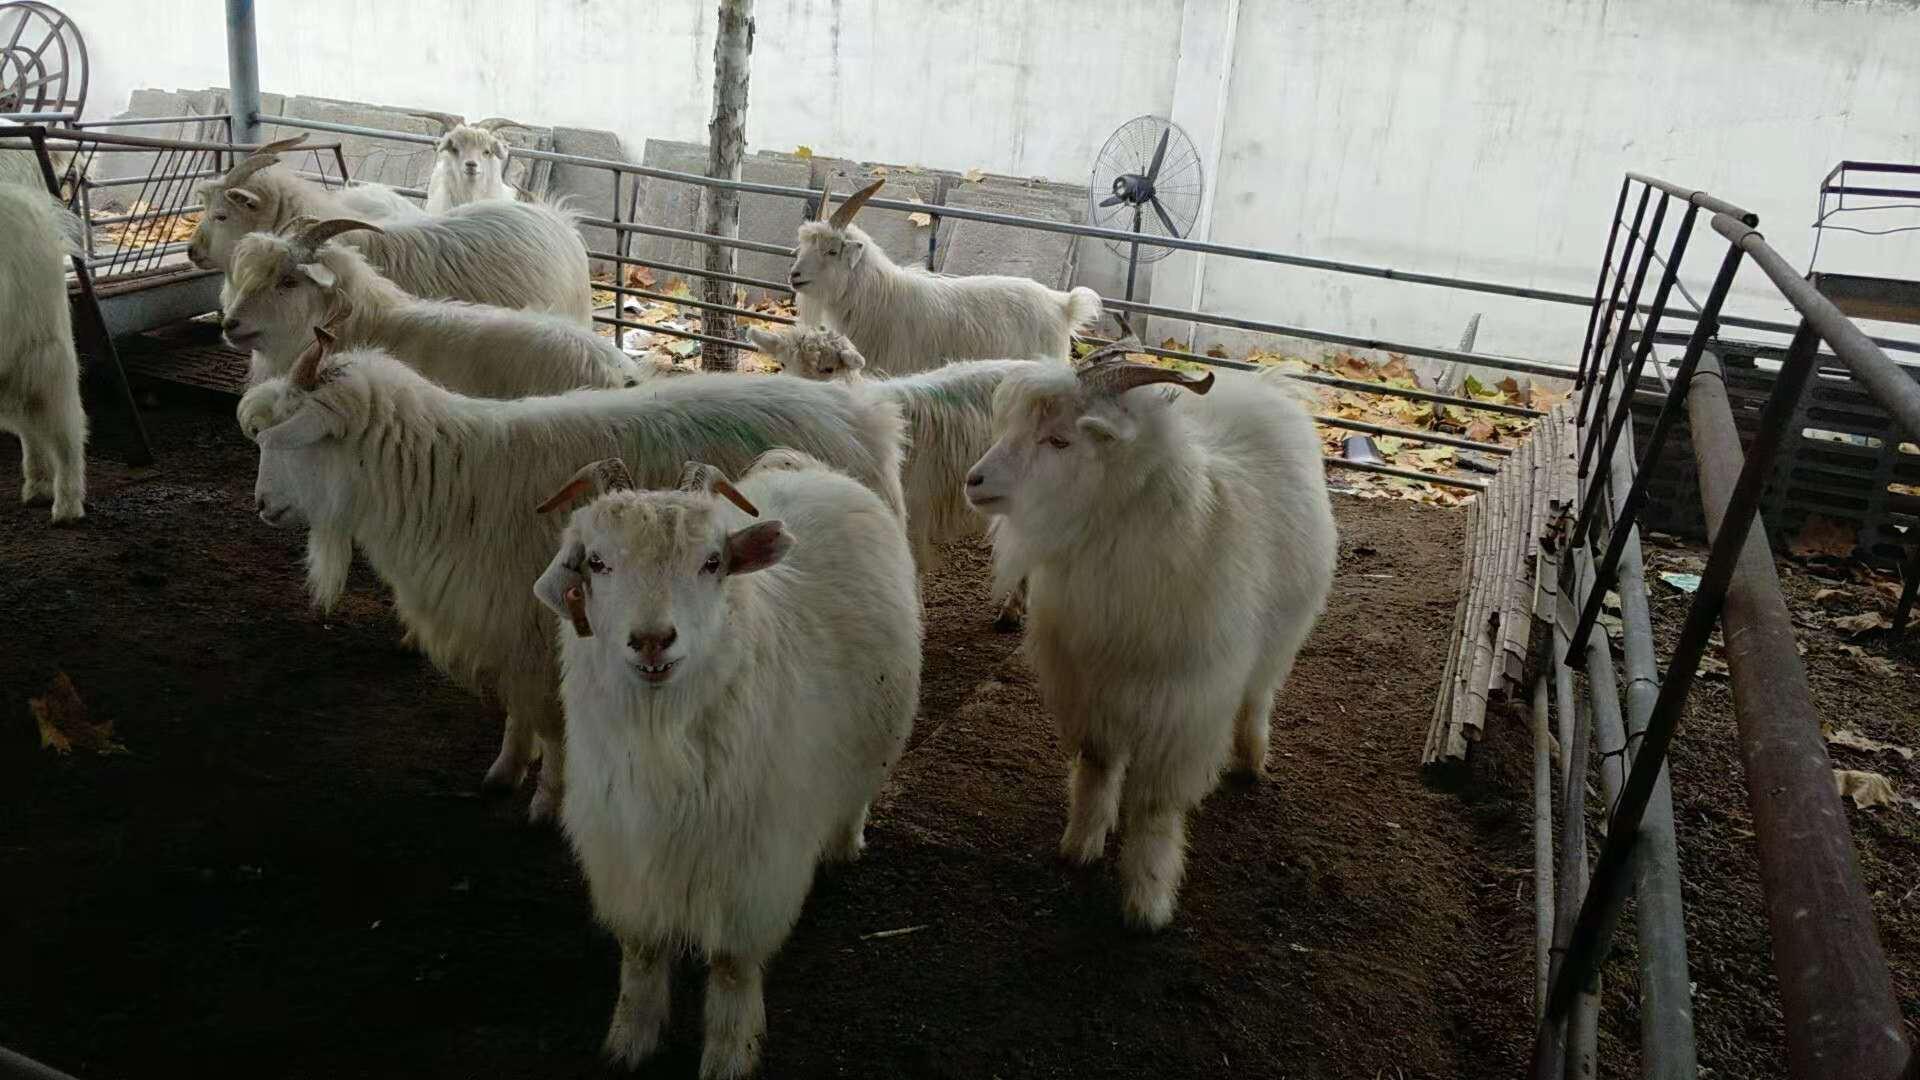 专业养殖绒山羊,绒山羊肉驴厂家直销,绒山羊批发,绒山羊价格示例图1